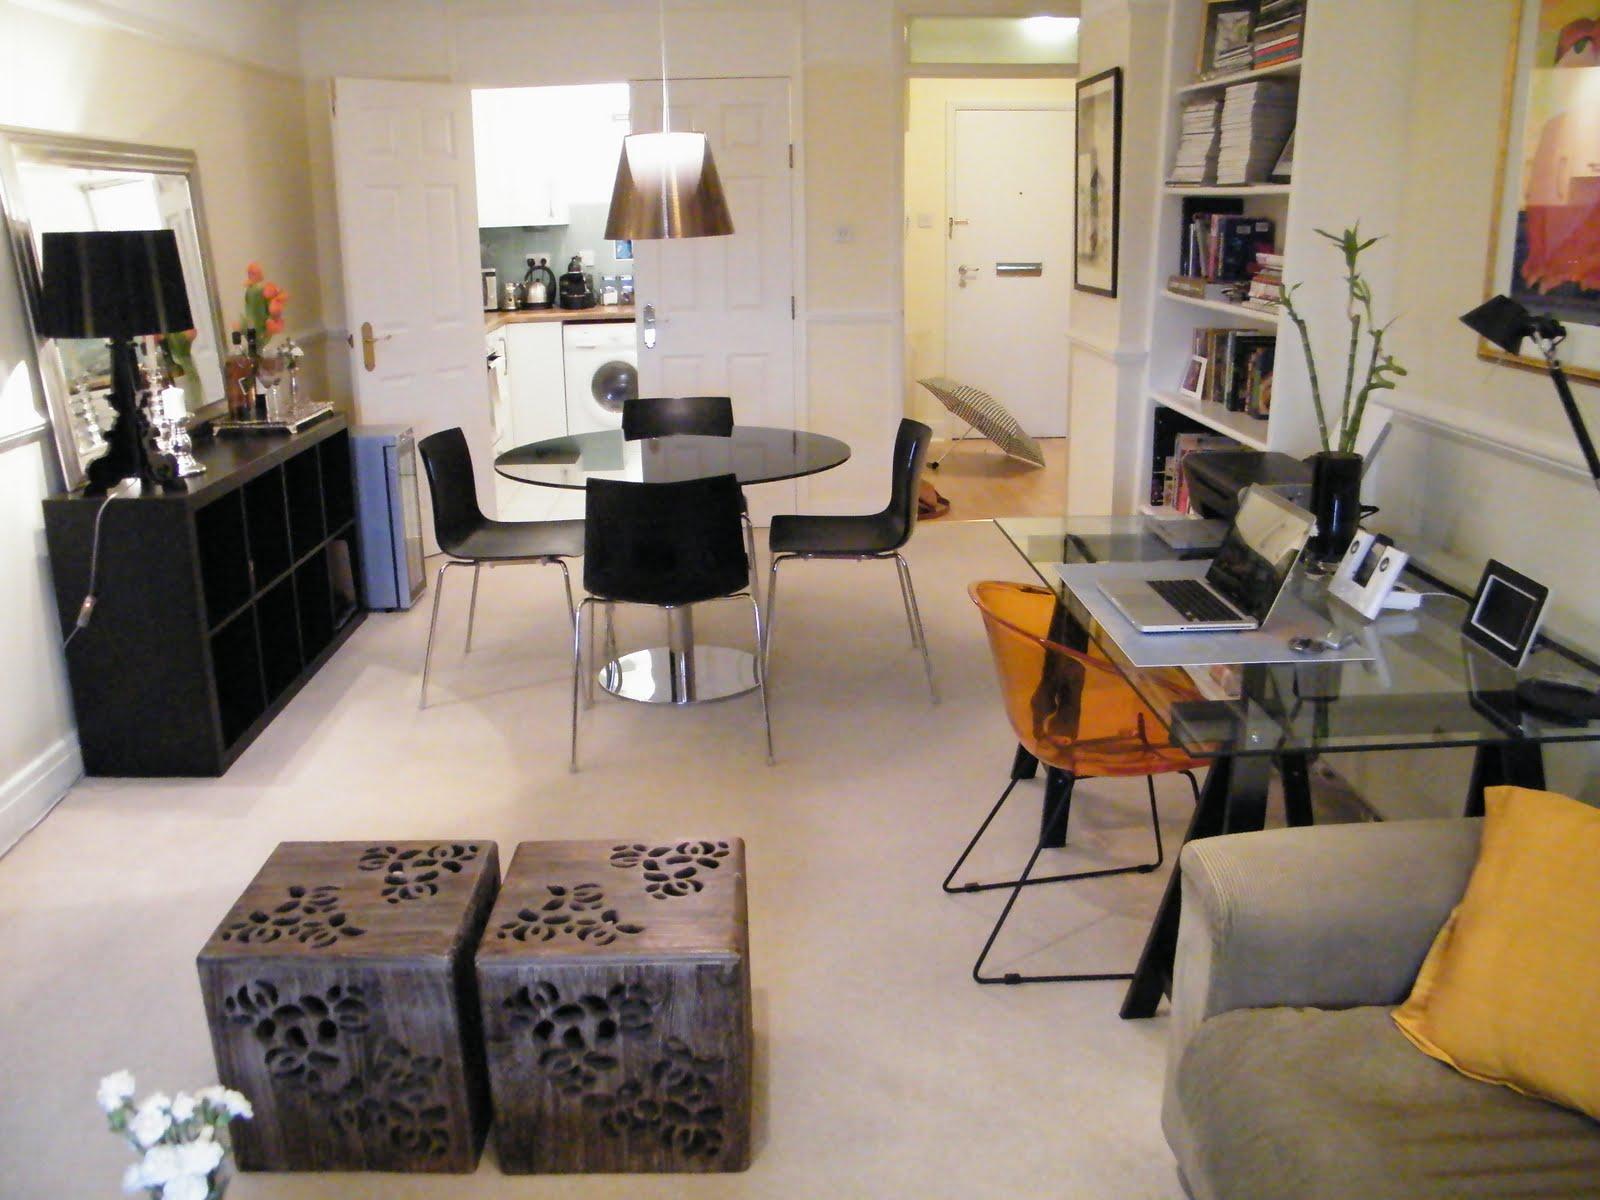 decoracao de apartamentos pequenos imagens : decoracao de apartamentos pequenos imagens:- blog de decoração descomplicada e bem viver: APARTAMENTO